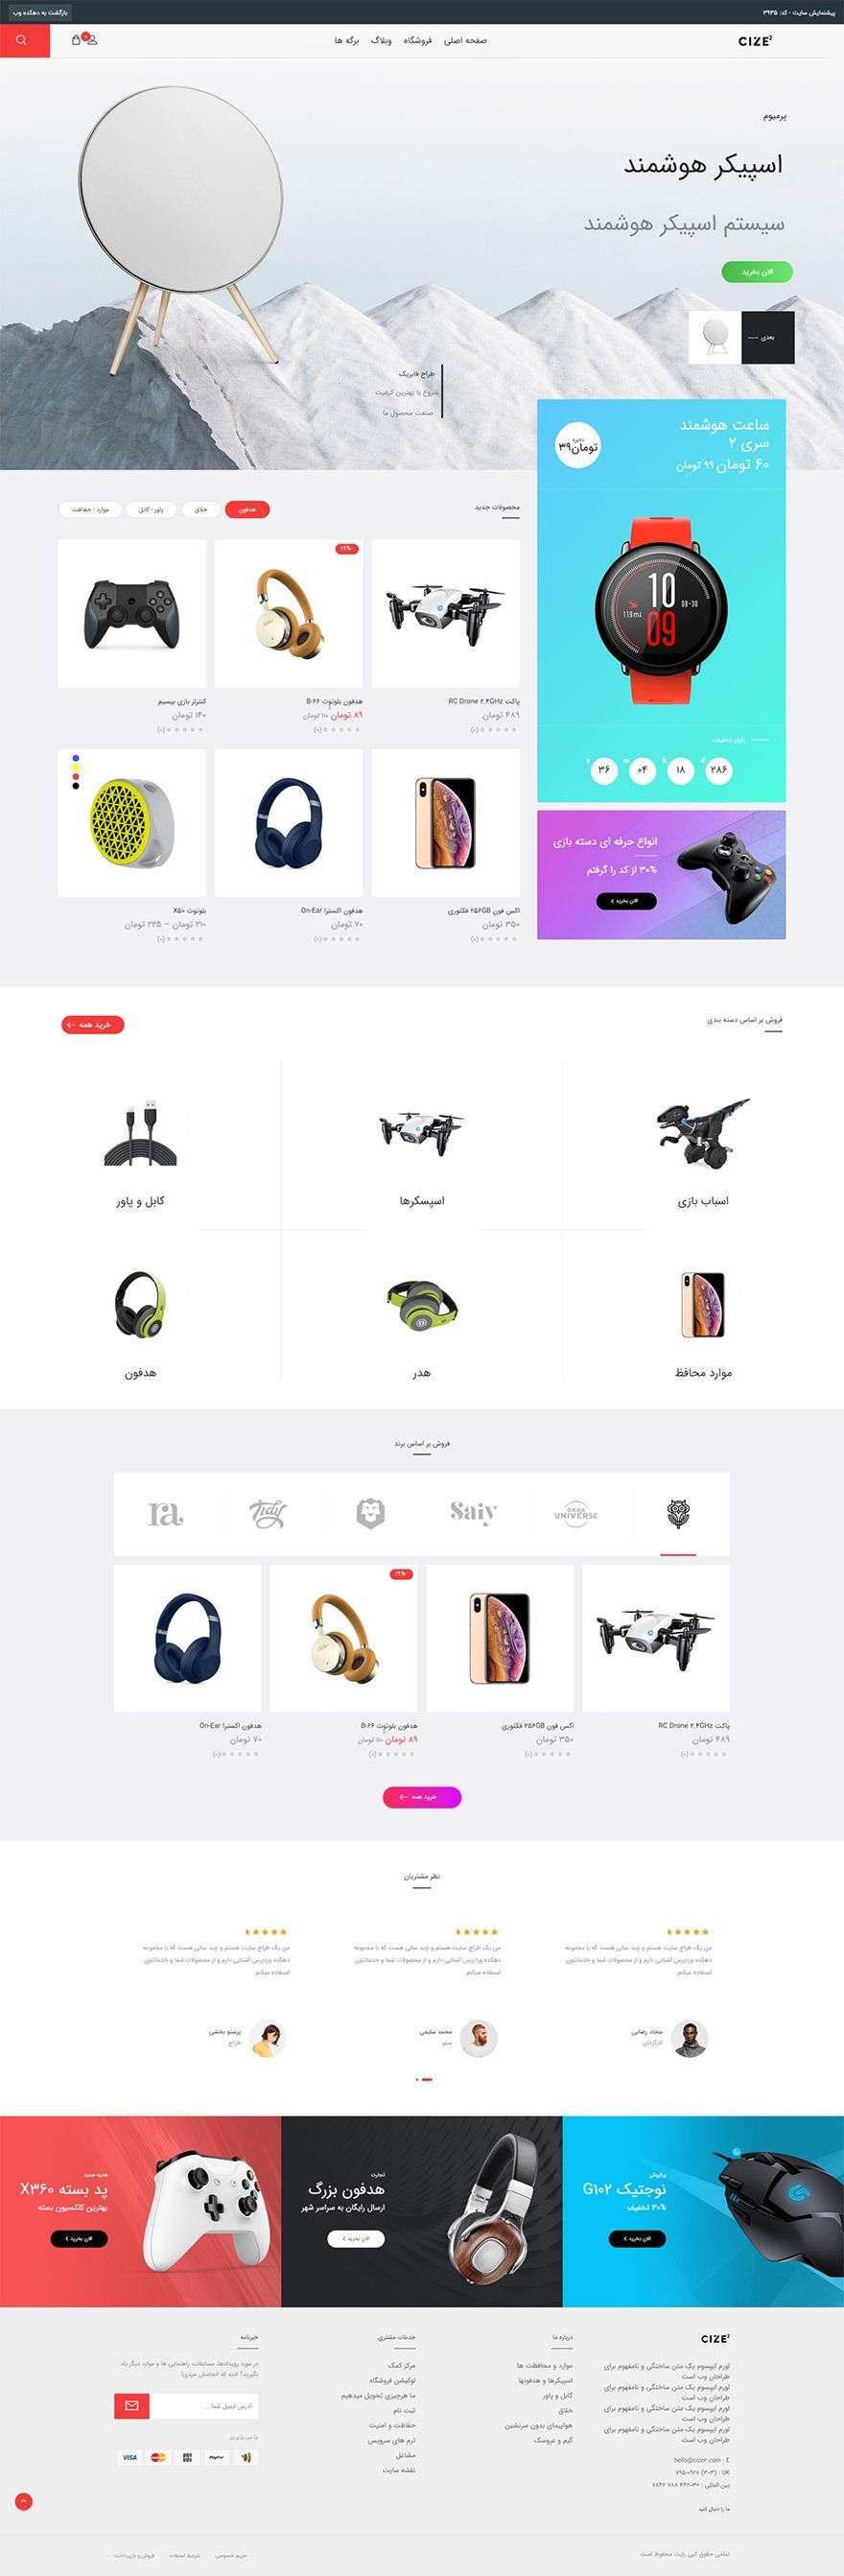 طراحی سایت ابزار فروشی